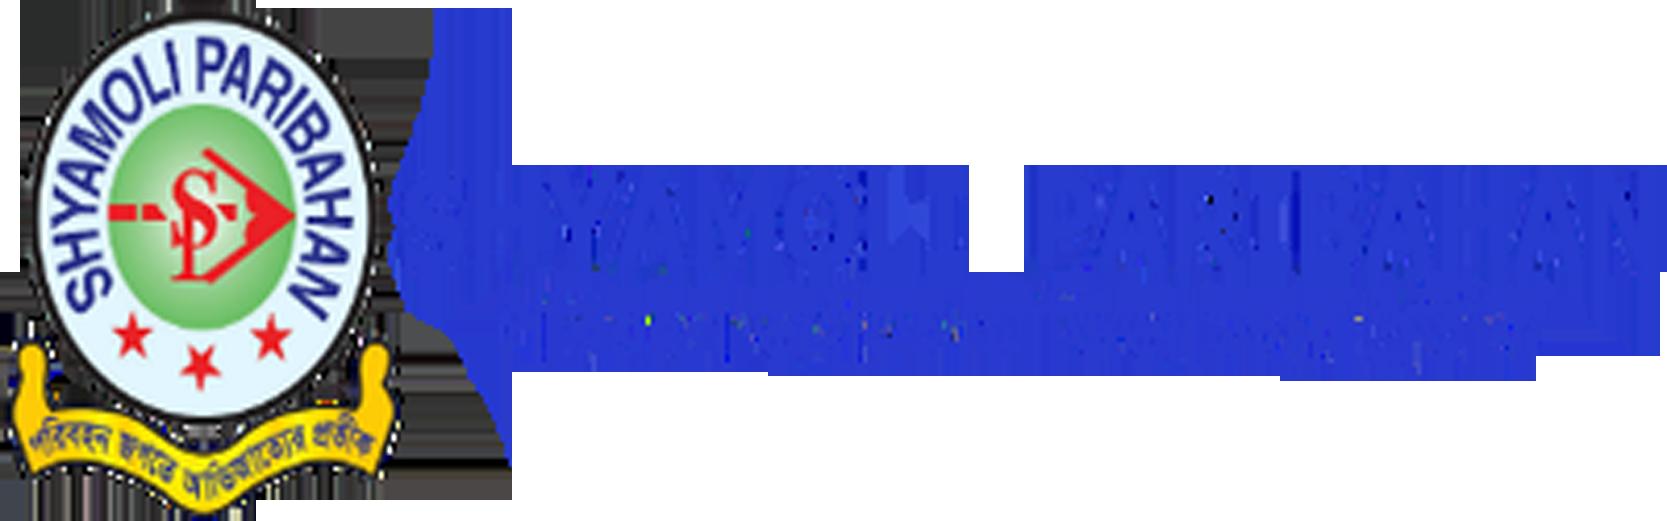 shyamoli